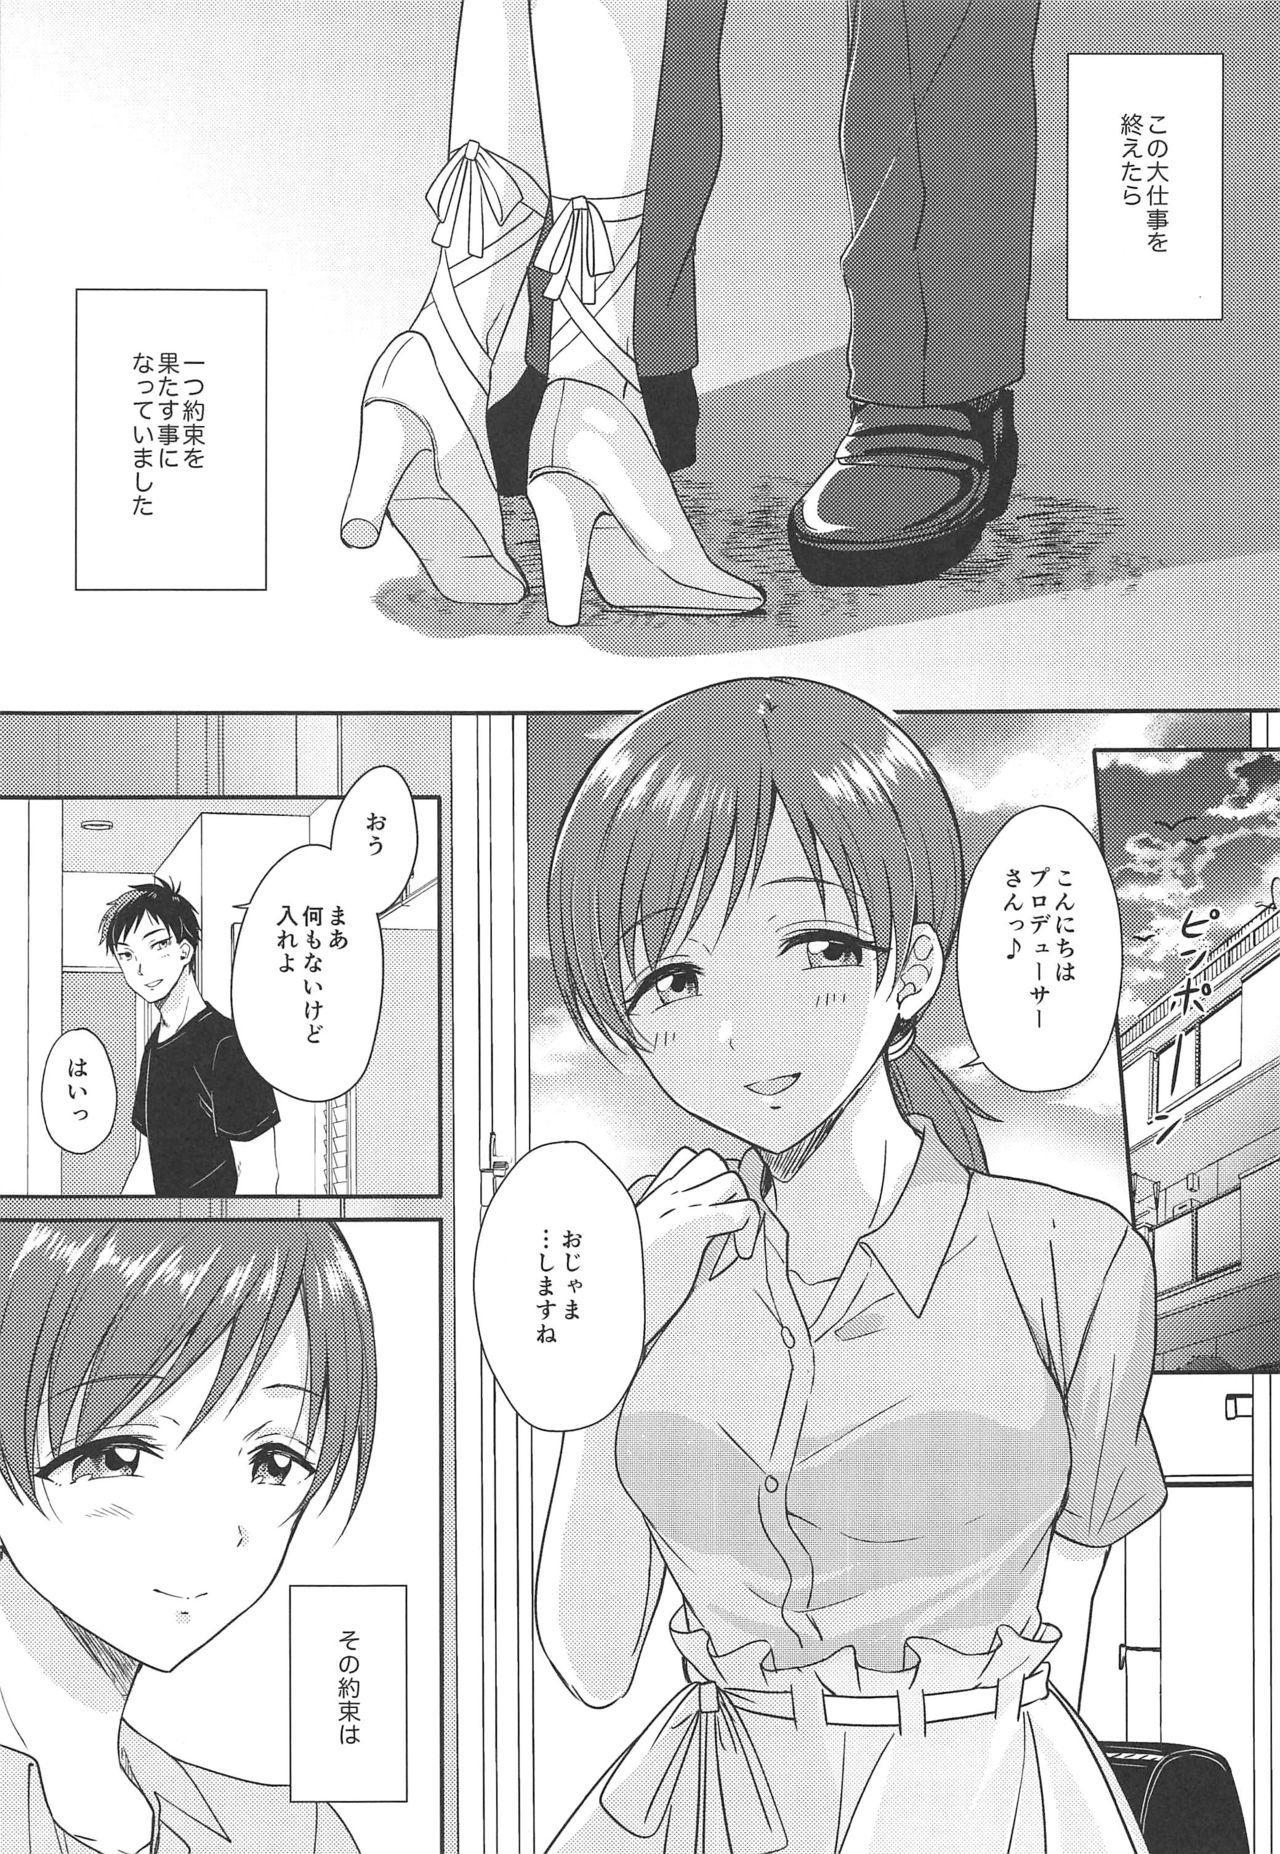 Minami no Hajimete 3